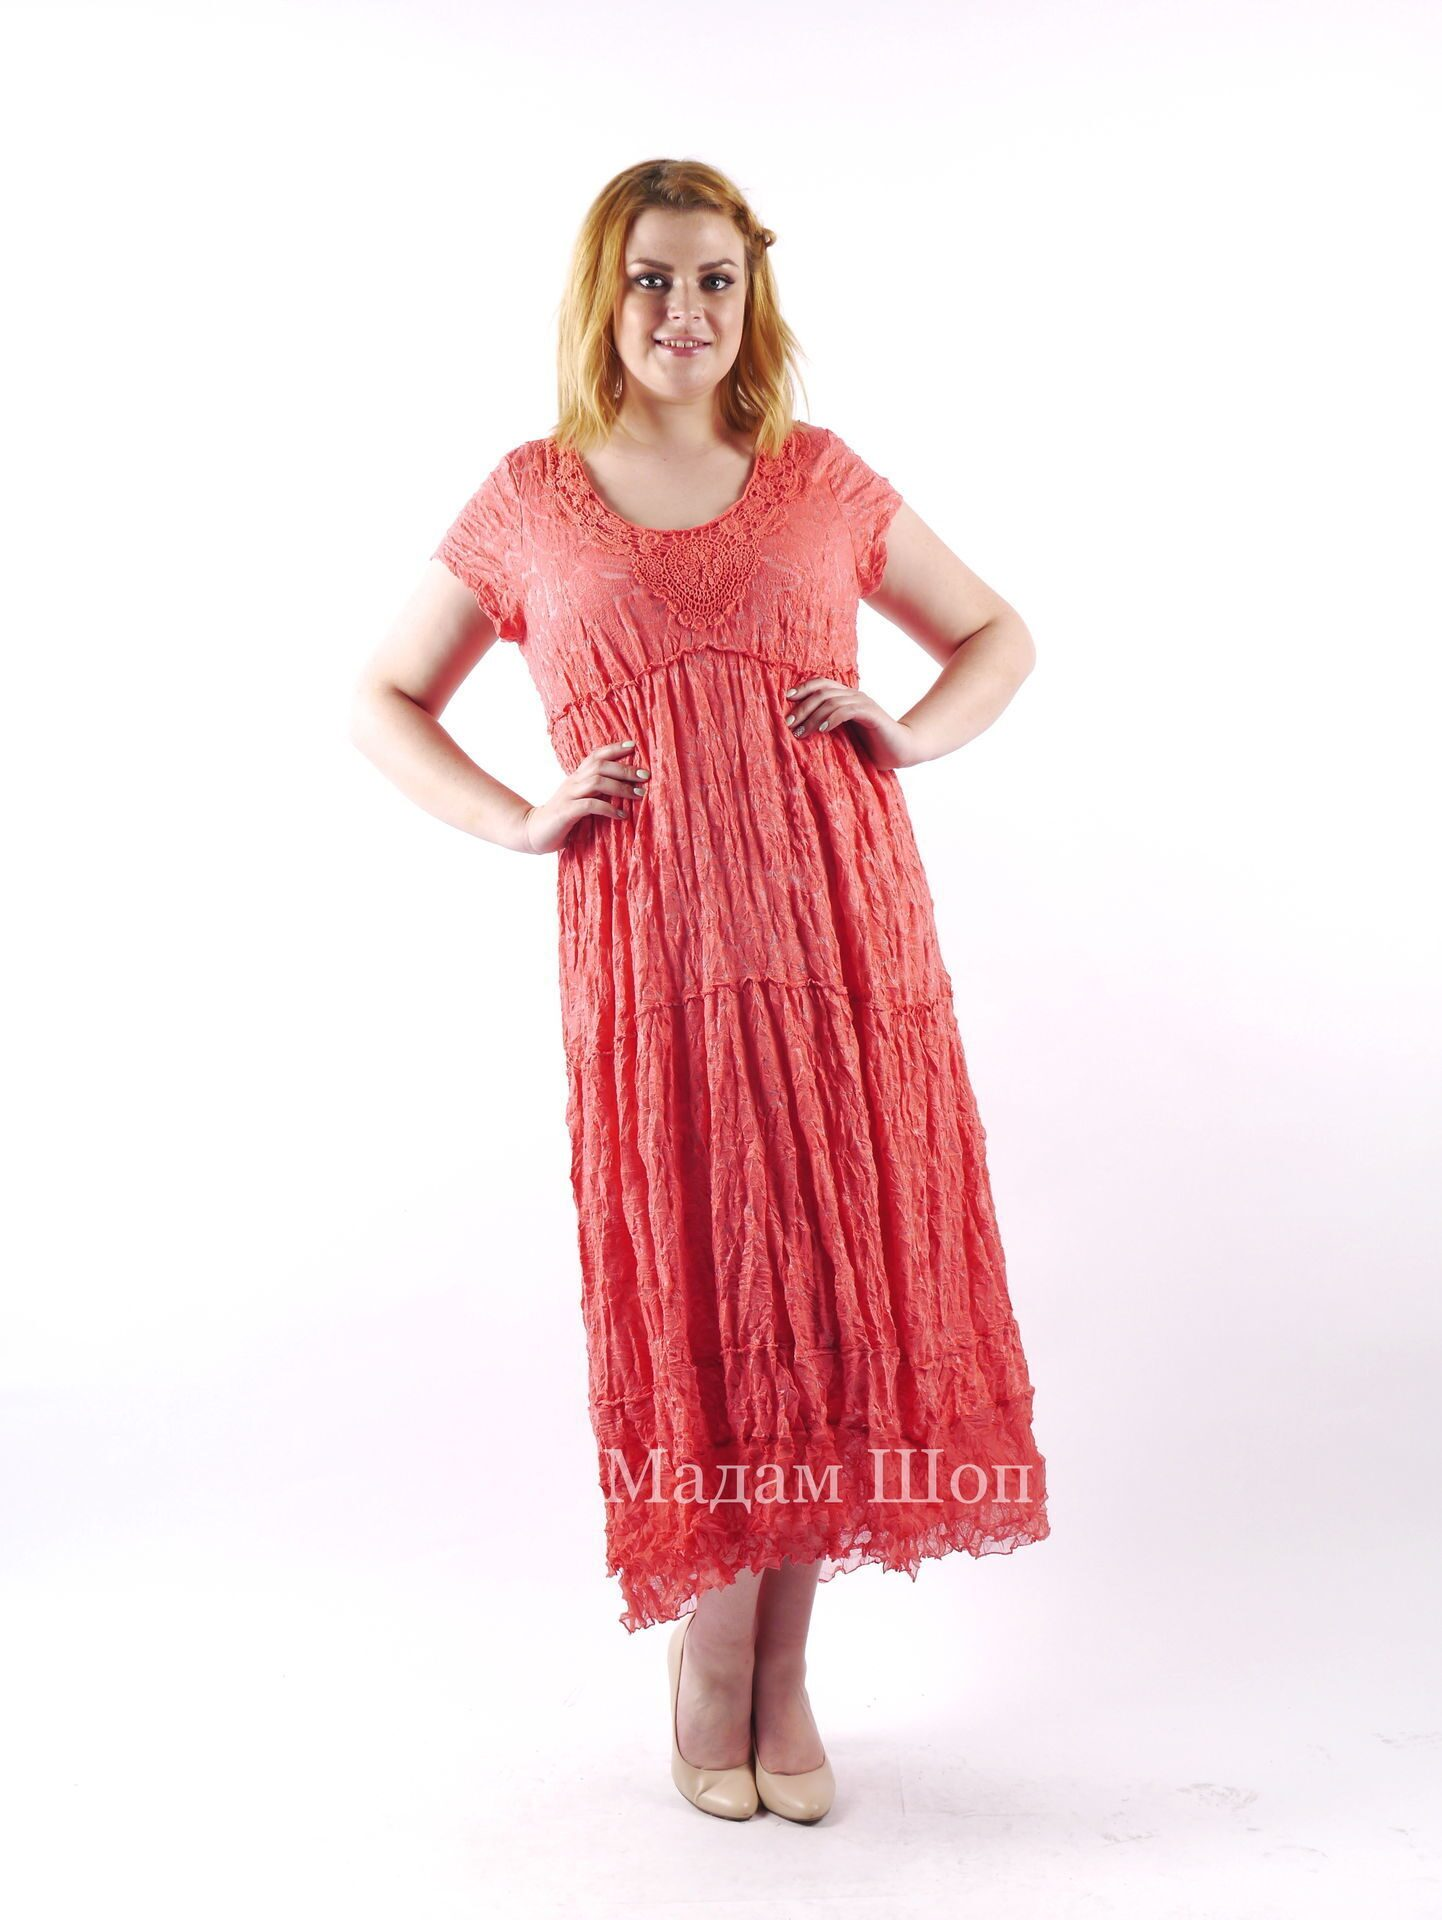 Одежда Больших Размеров Мадам